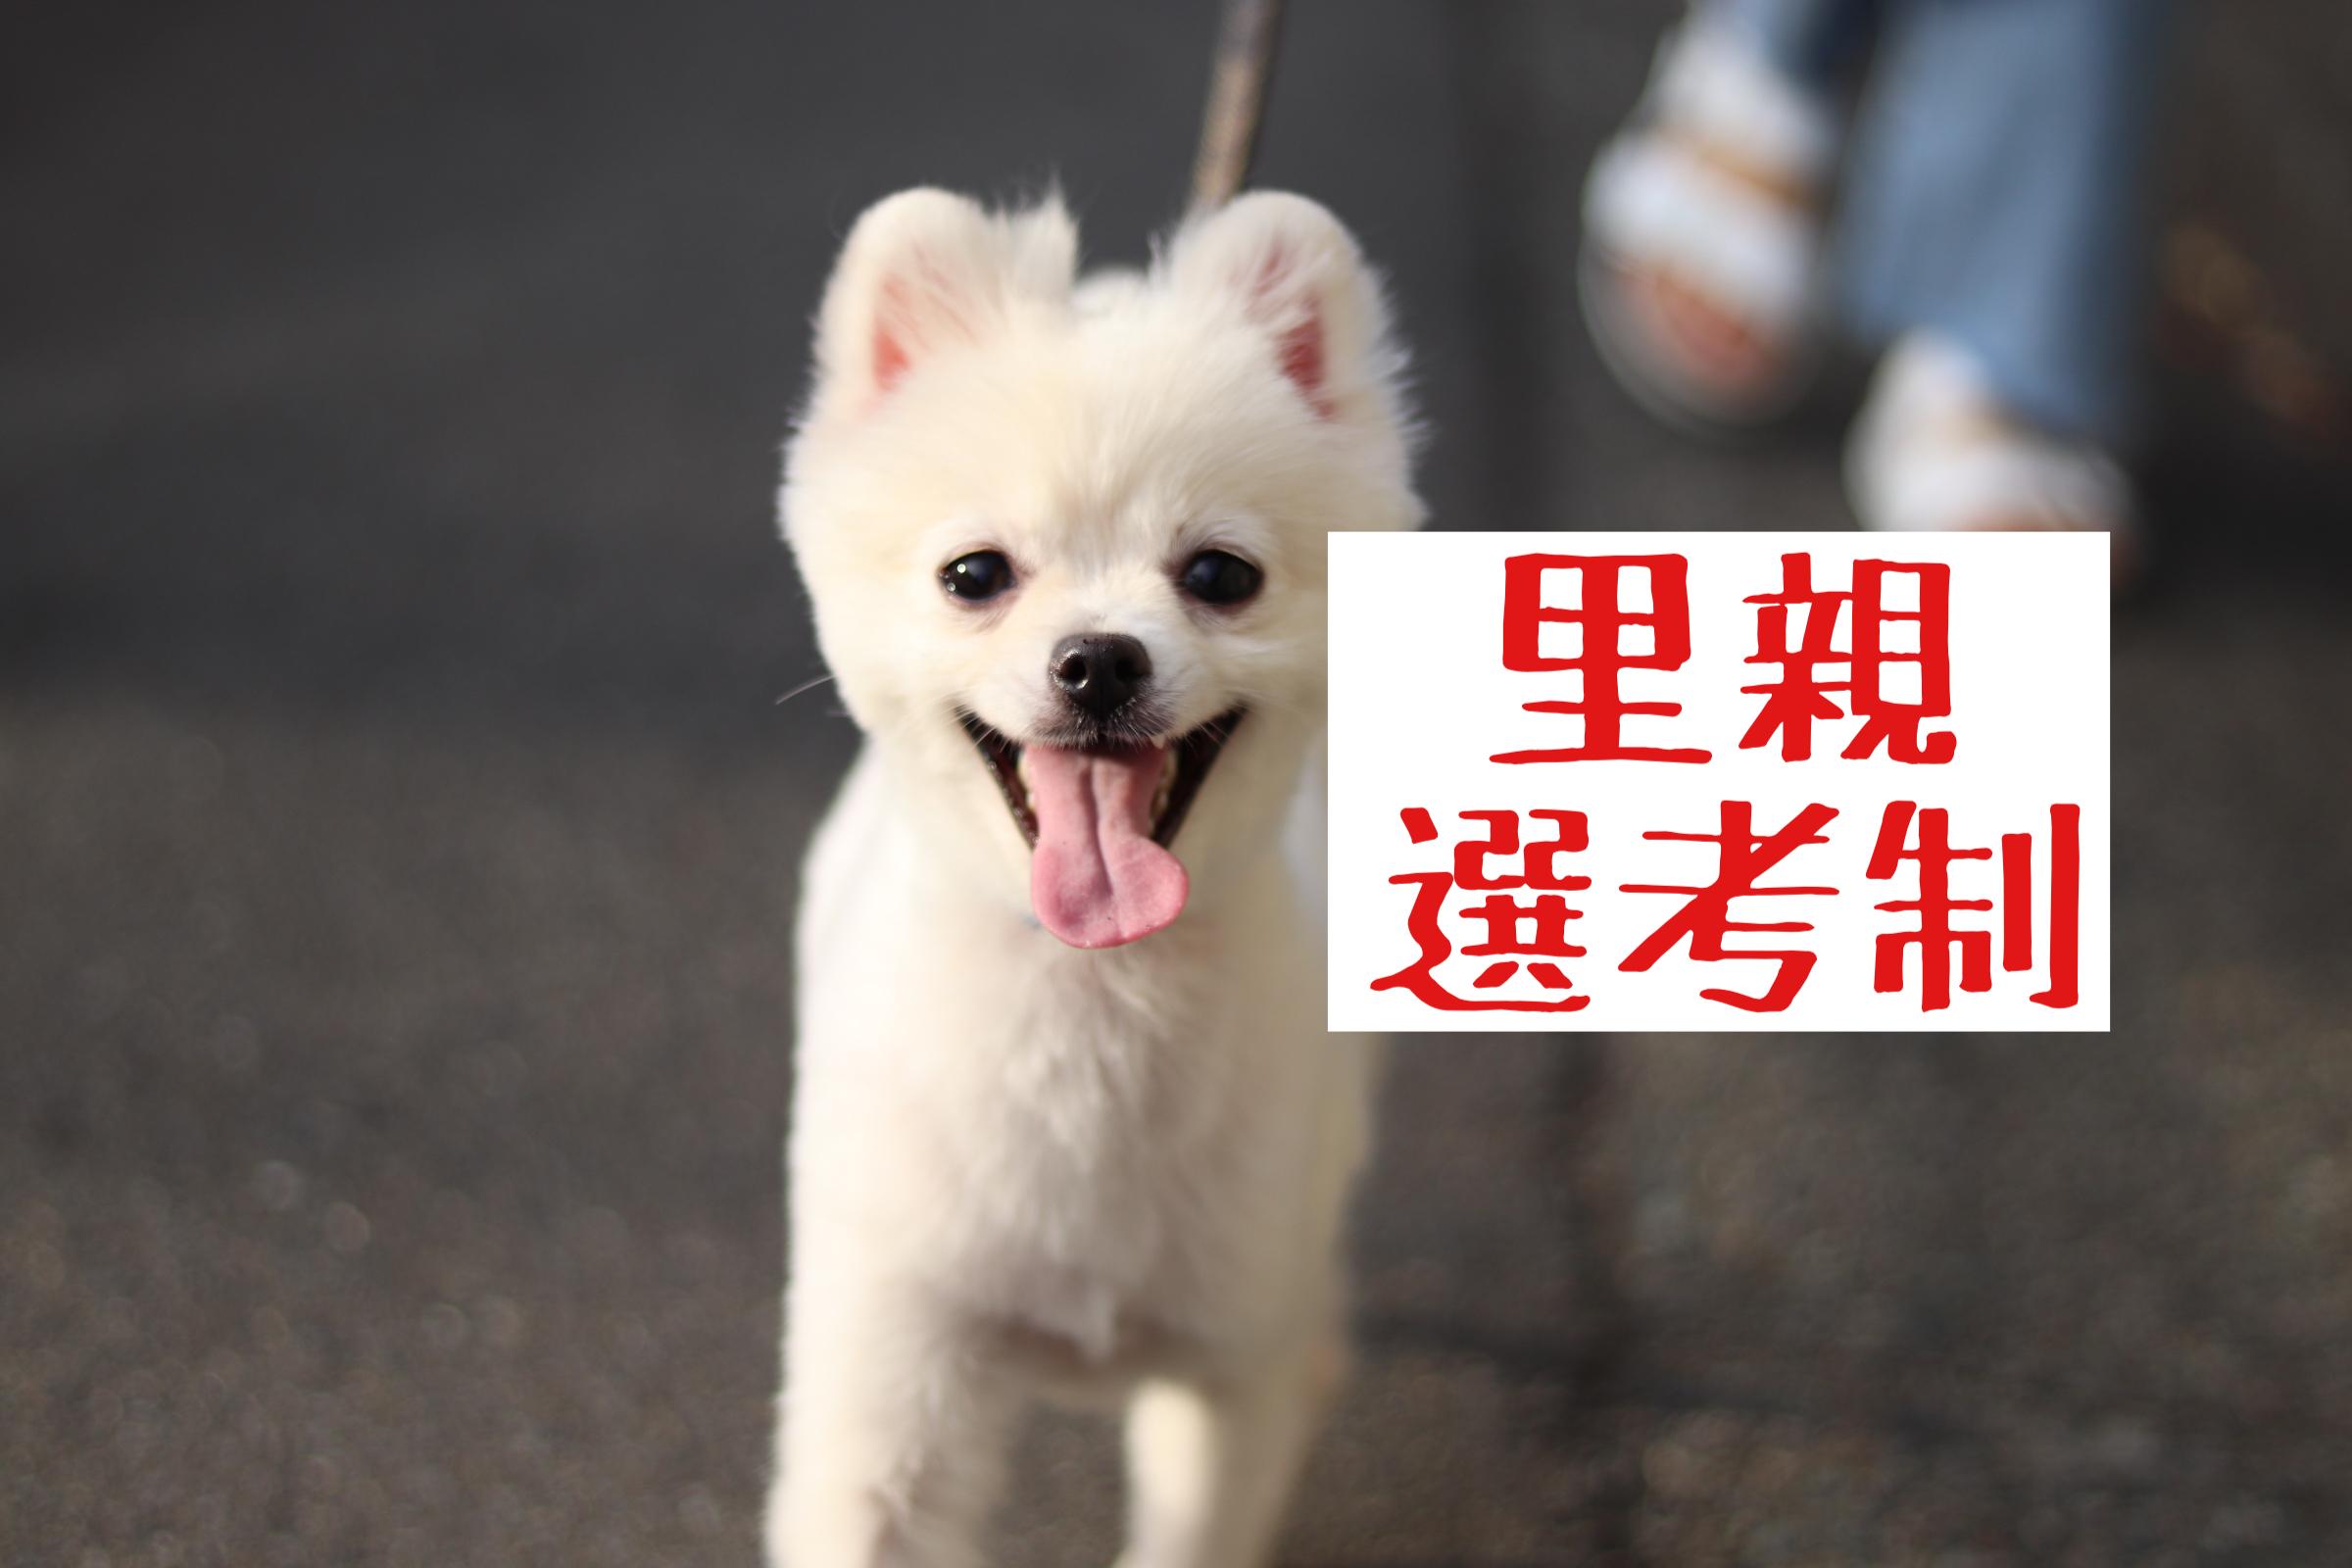 <ul> <li>犬種:ポメラニアン</li> <li>性別:女の子</li> <li>名前:おもち</li> <li>年齢:2020年7月29日生まれ</li> <li>保護経緯:転勤のため飼育困難</li> </ul>